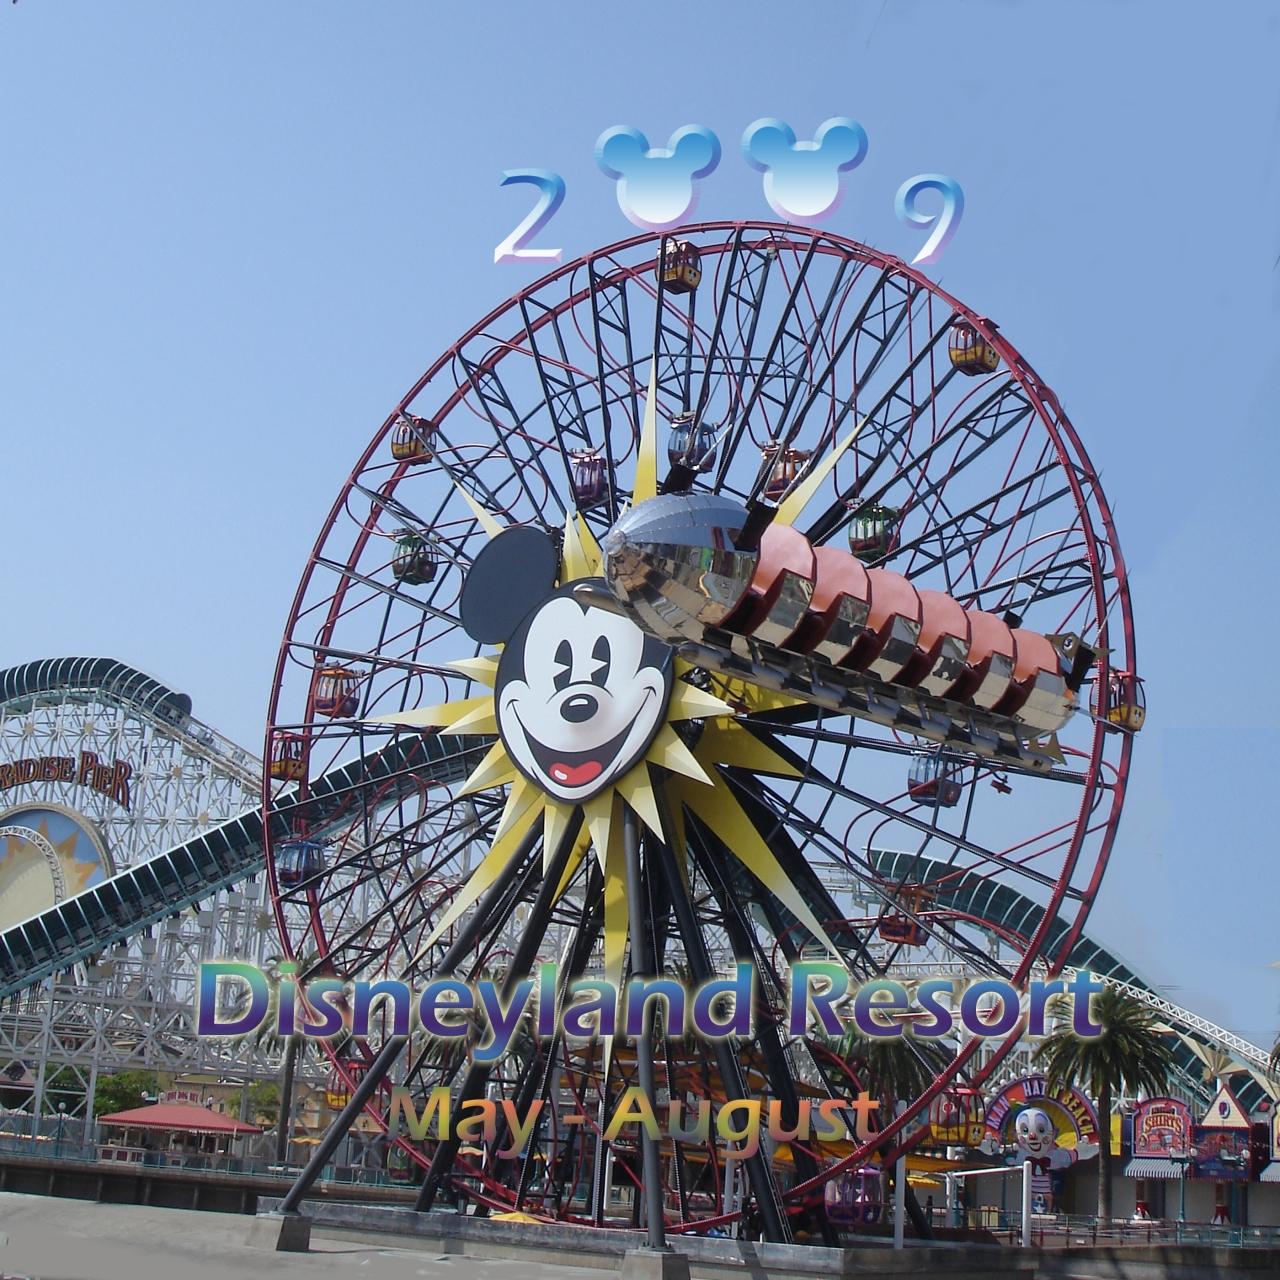 2009 夏のディズニーリゾート』ディズニーランド周辺(アメリカ)の旅行